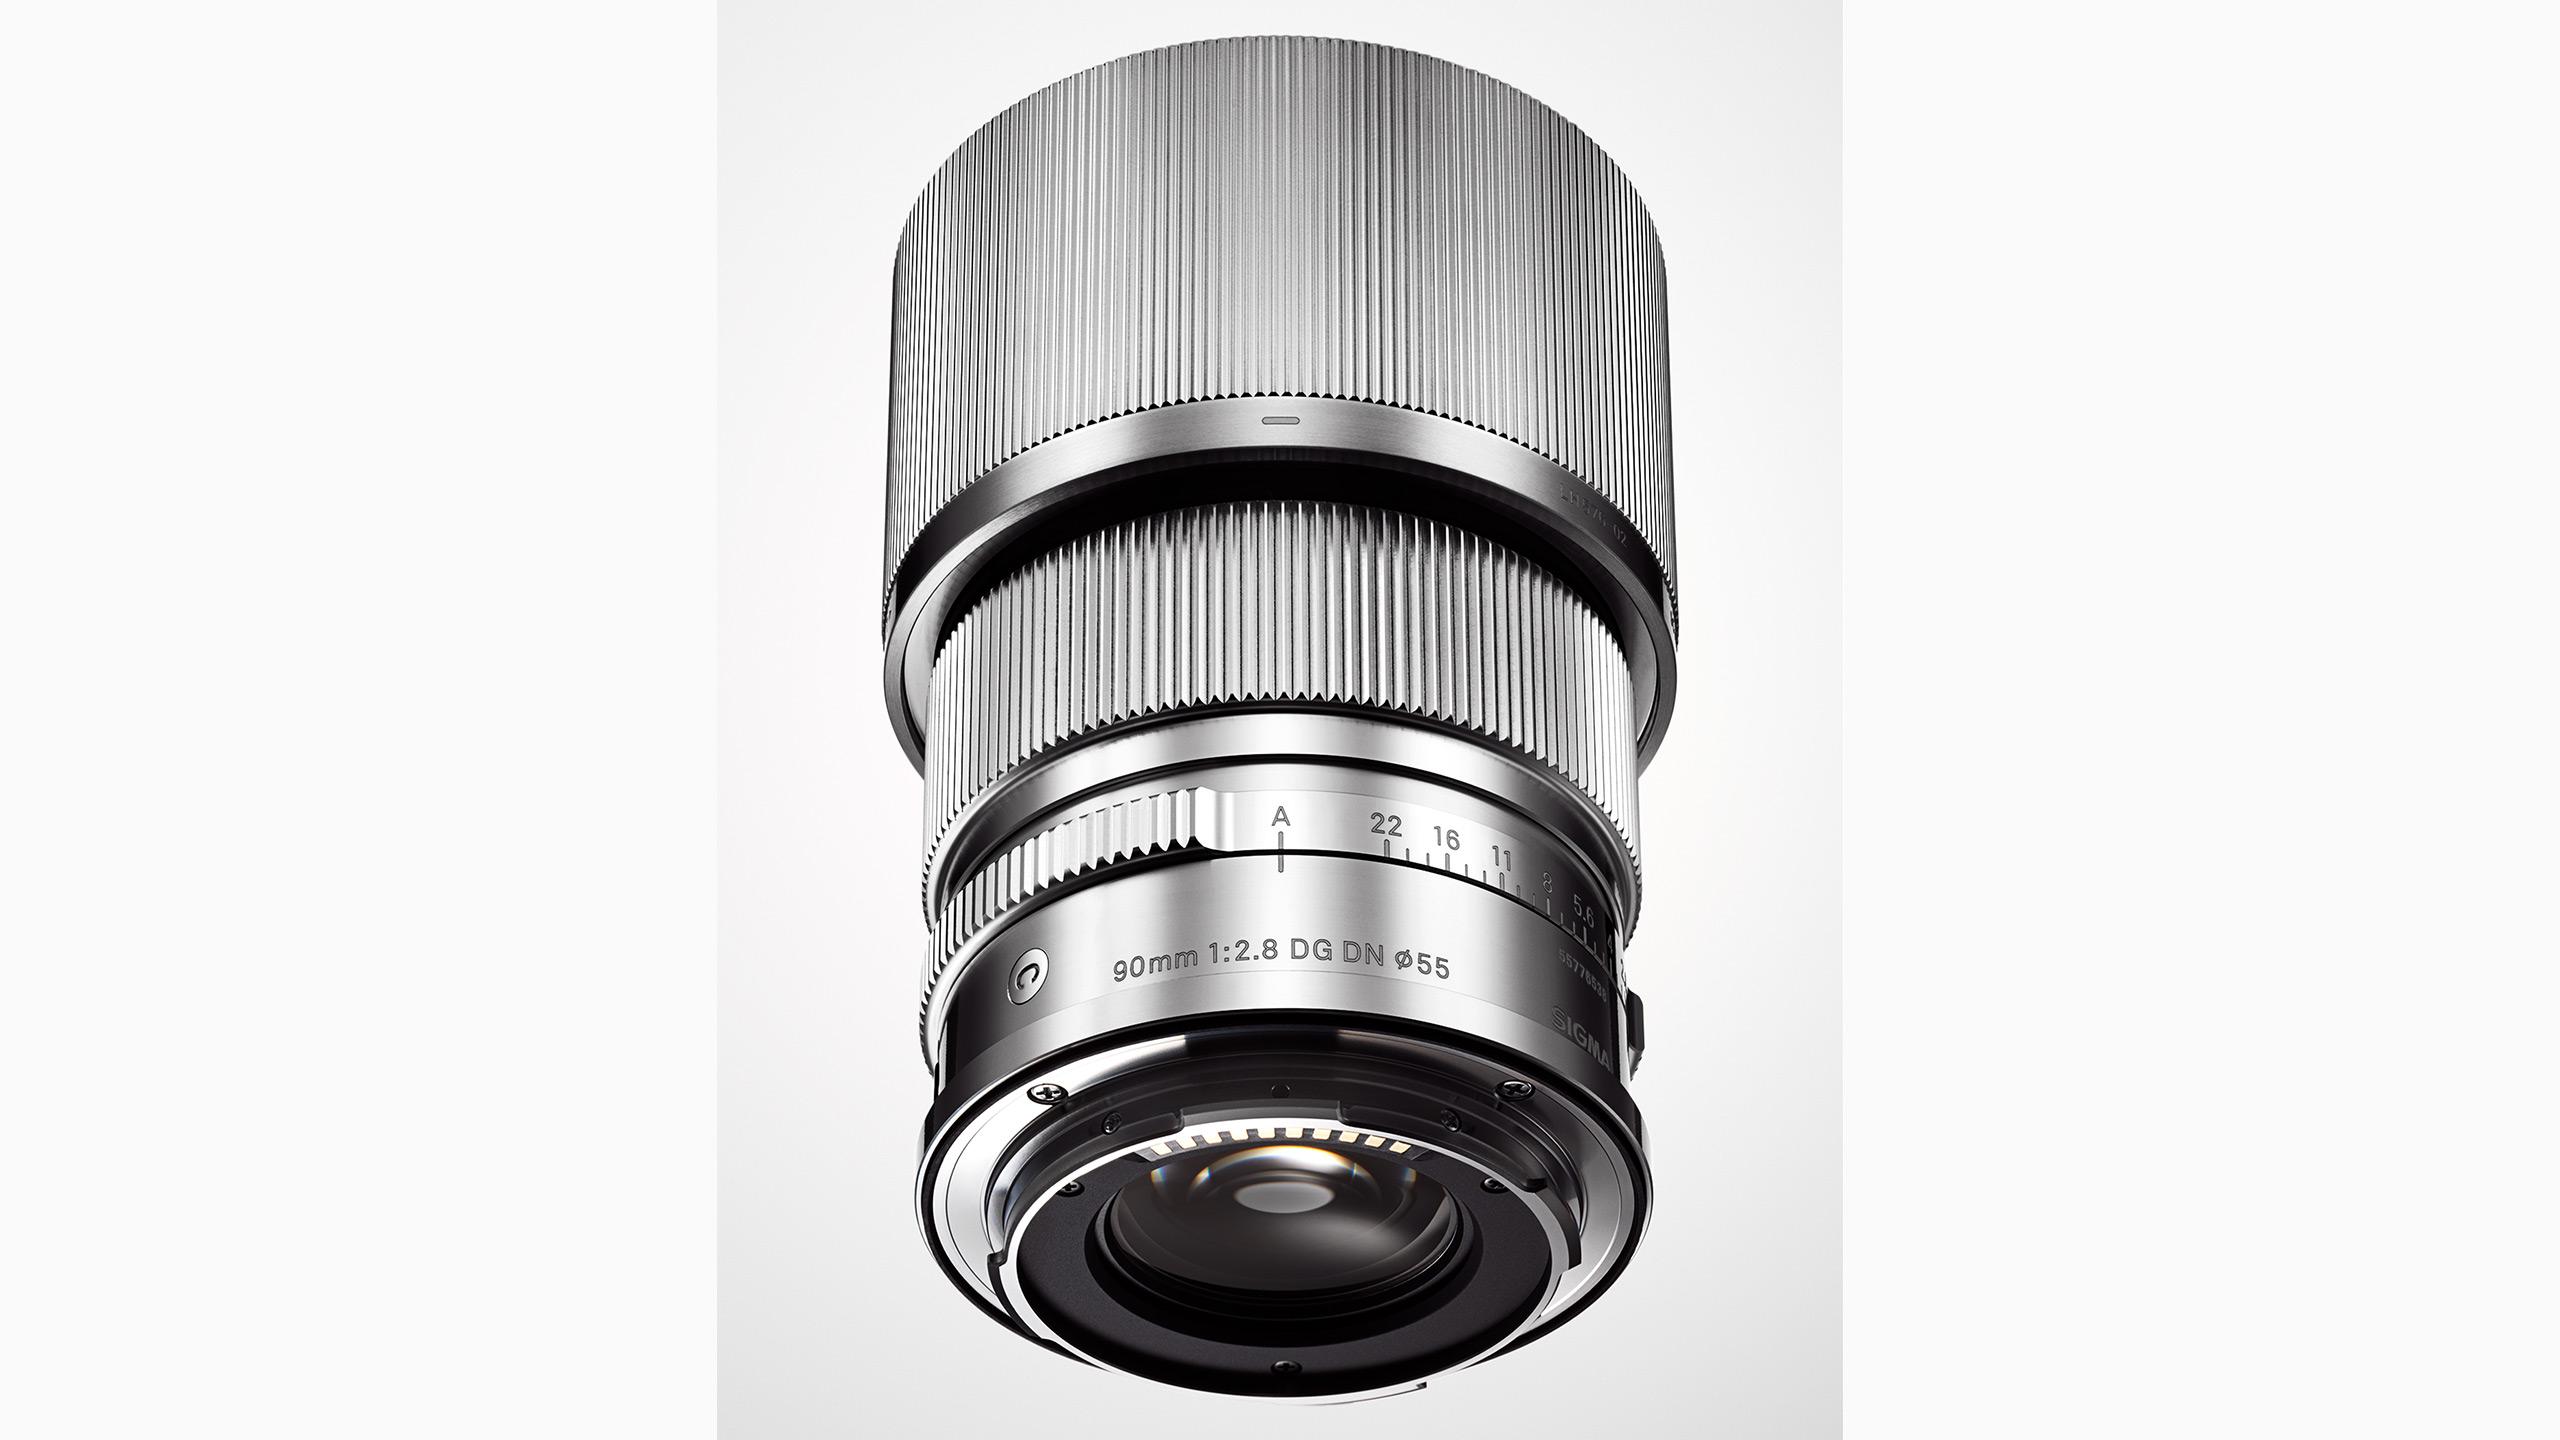 Sigma 90mm f/2.8 DG DN Contemporary